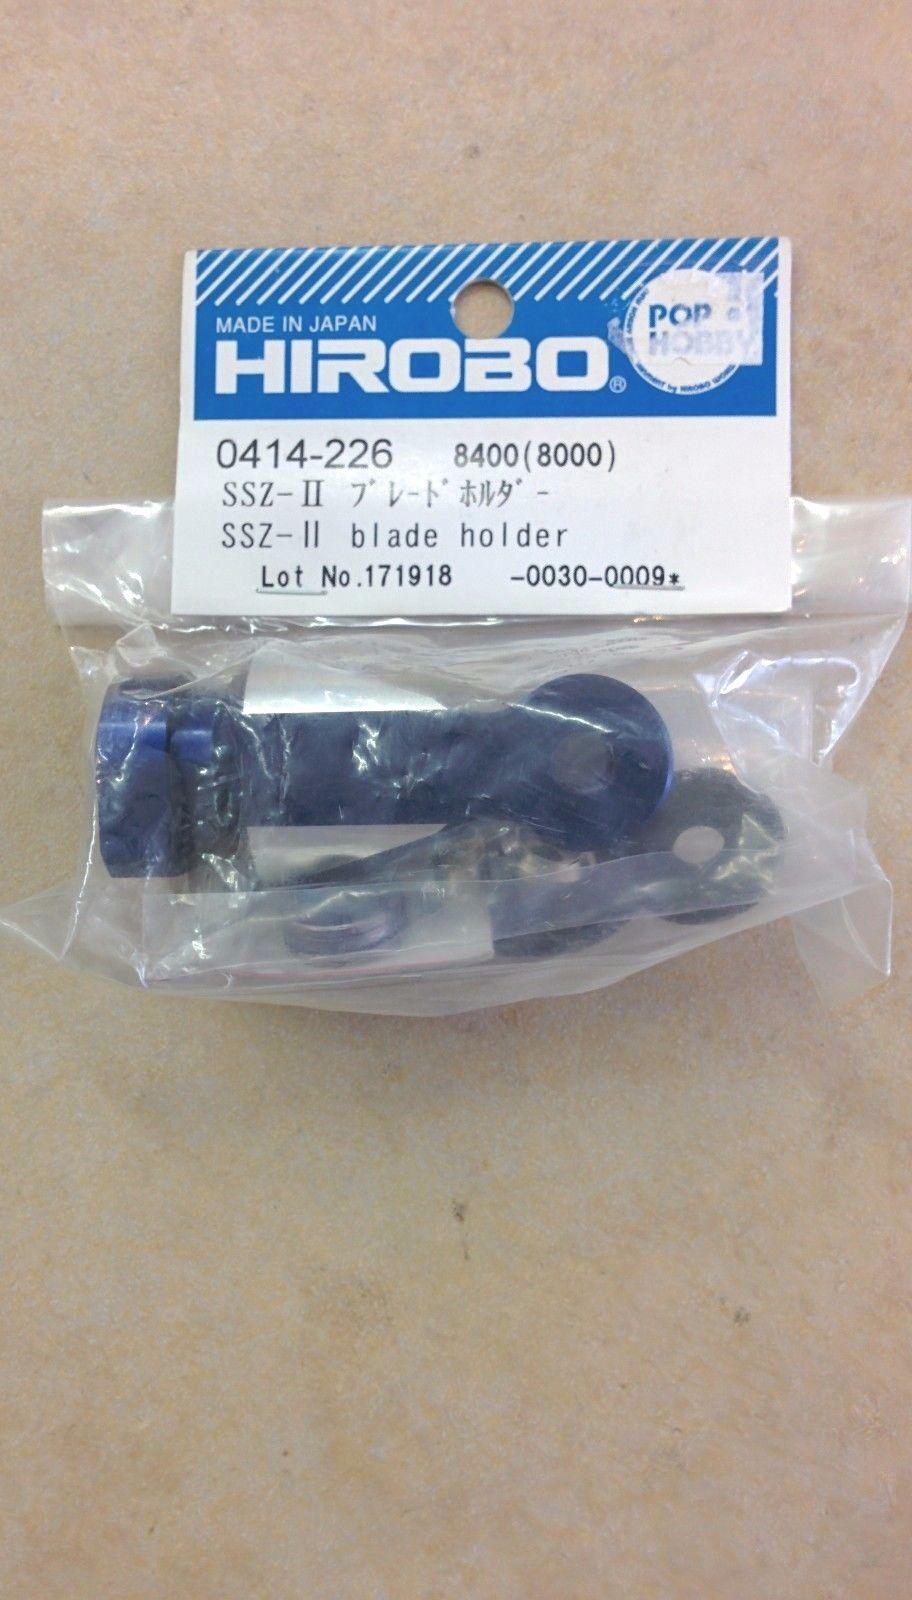 0414-226 Hirobo SSZ-II blade holder helicopters Freya, Eagle